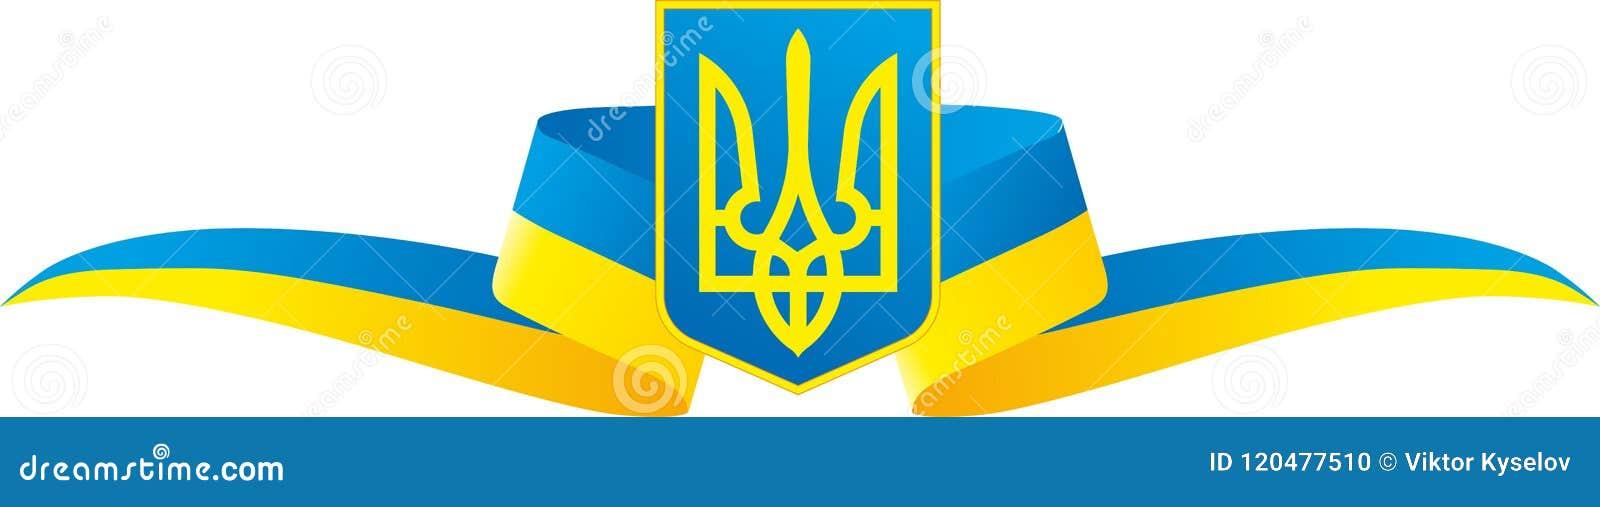 Escudo de armas y la bandera de Ucrania